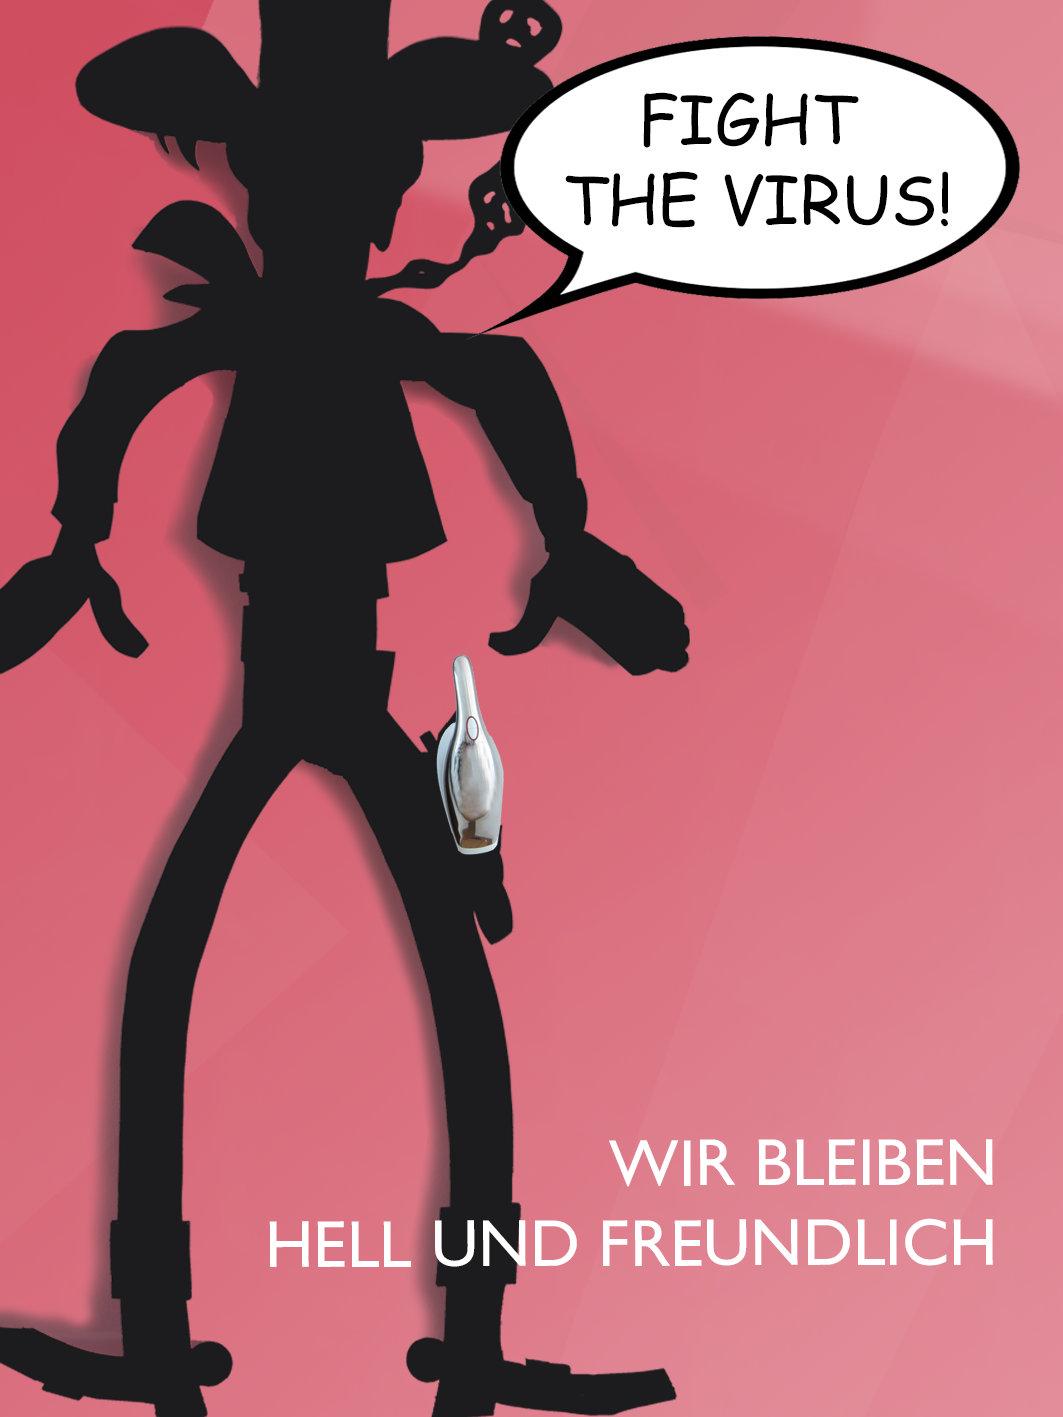 hell und freundlich - fight the virus